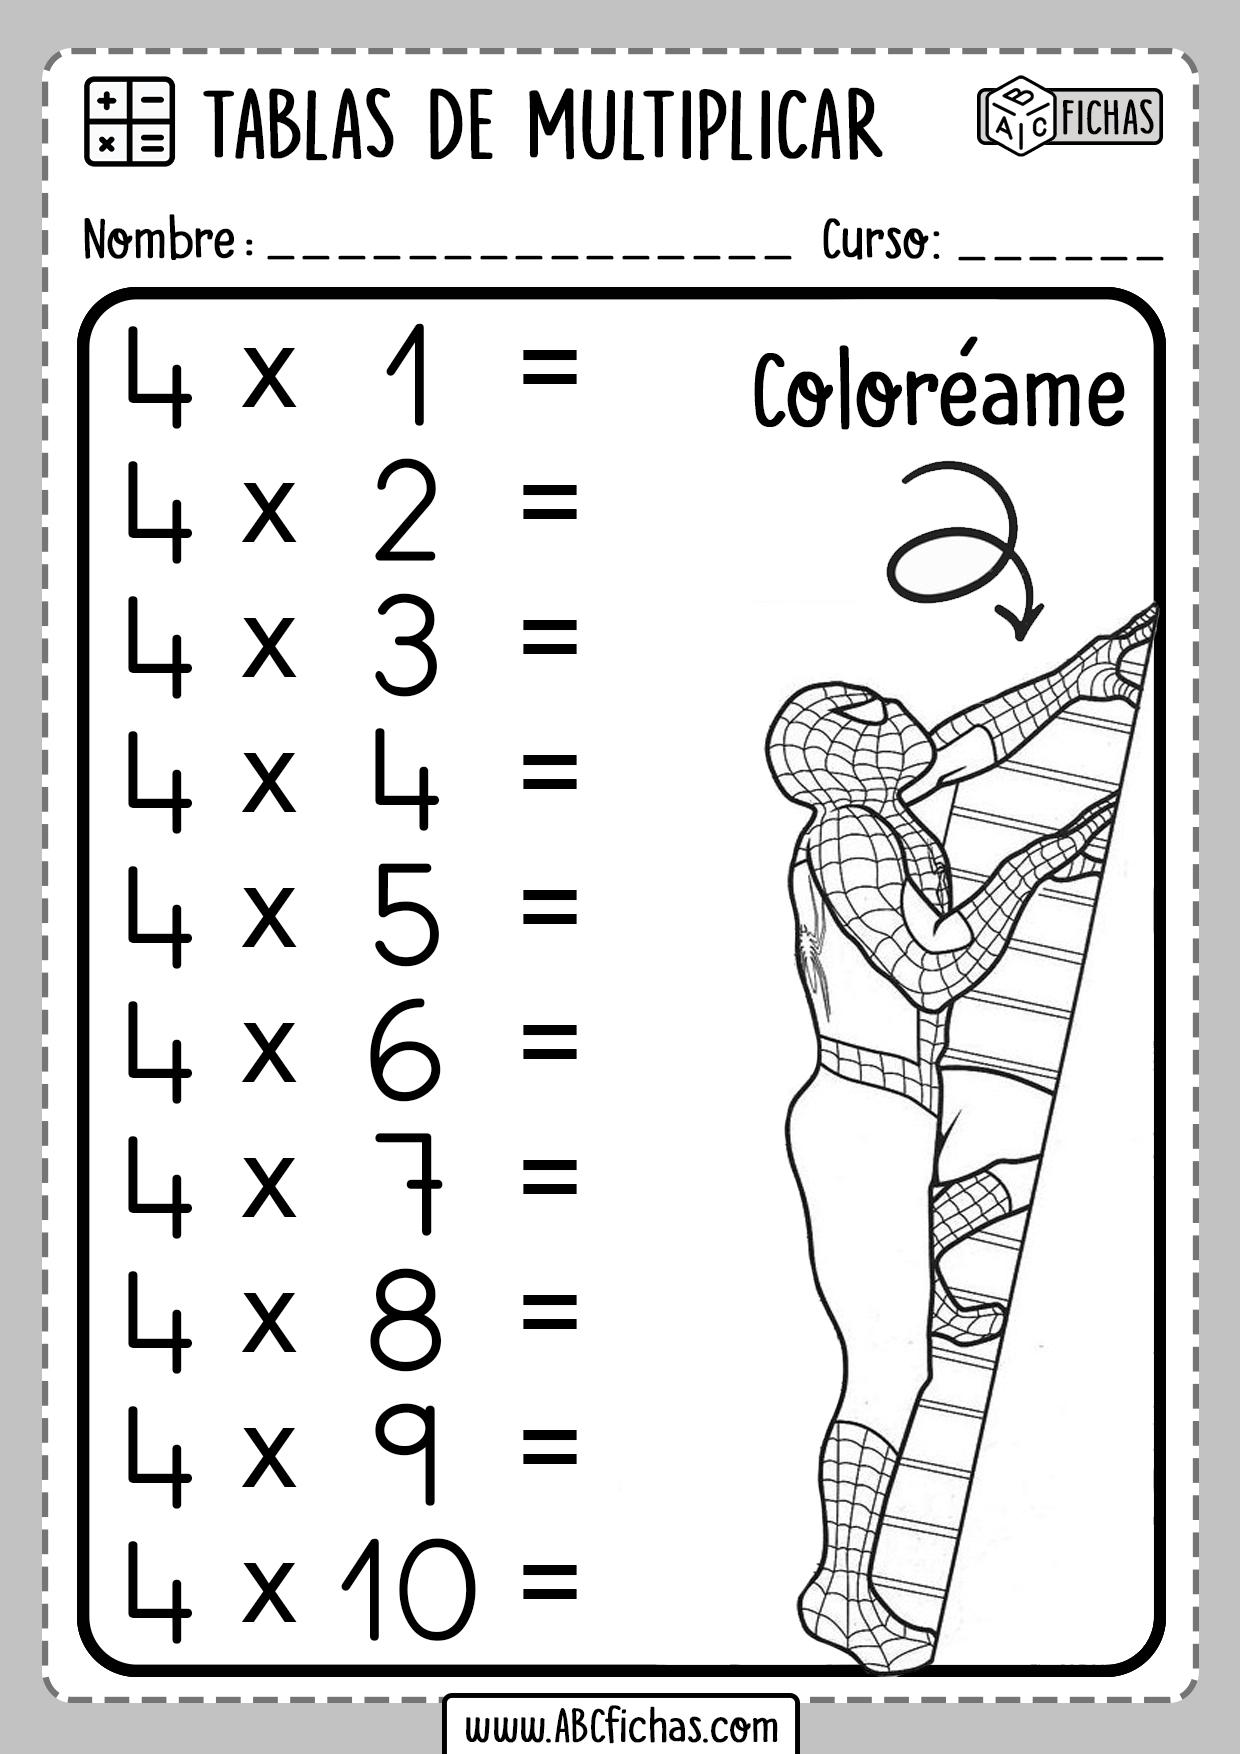 Cuadernillo De Evidencias De Matemáticas 6 . Cuadernillo Tablas de Multiplicar - ABC Fichas